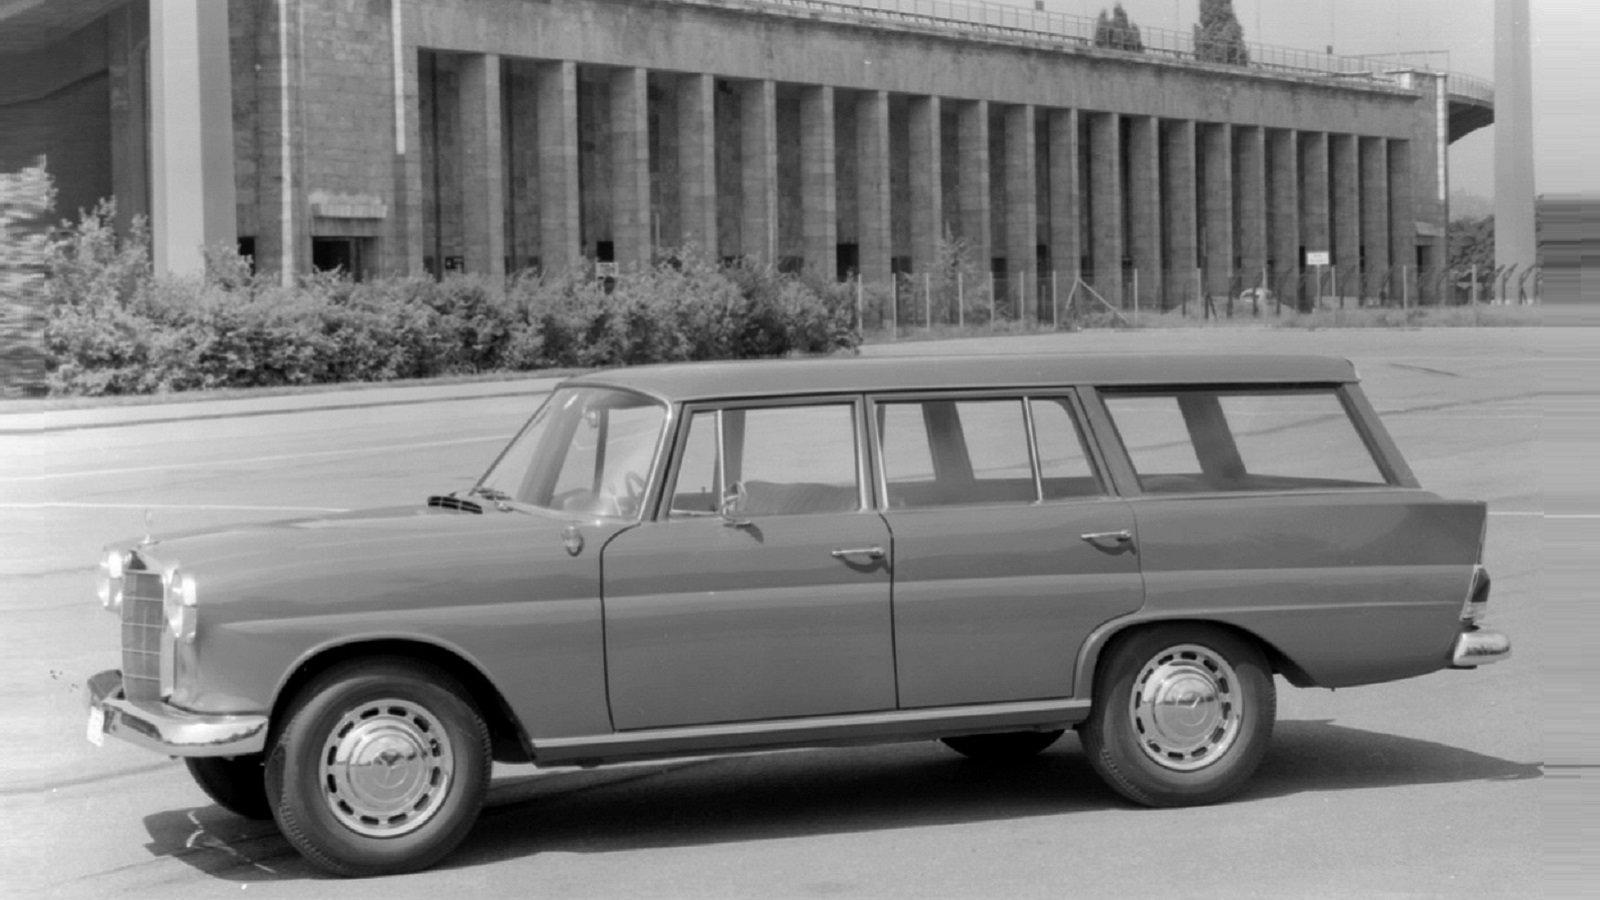 1965 Dc Universal Wagon (W110)